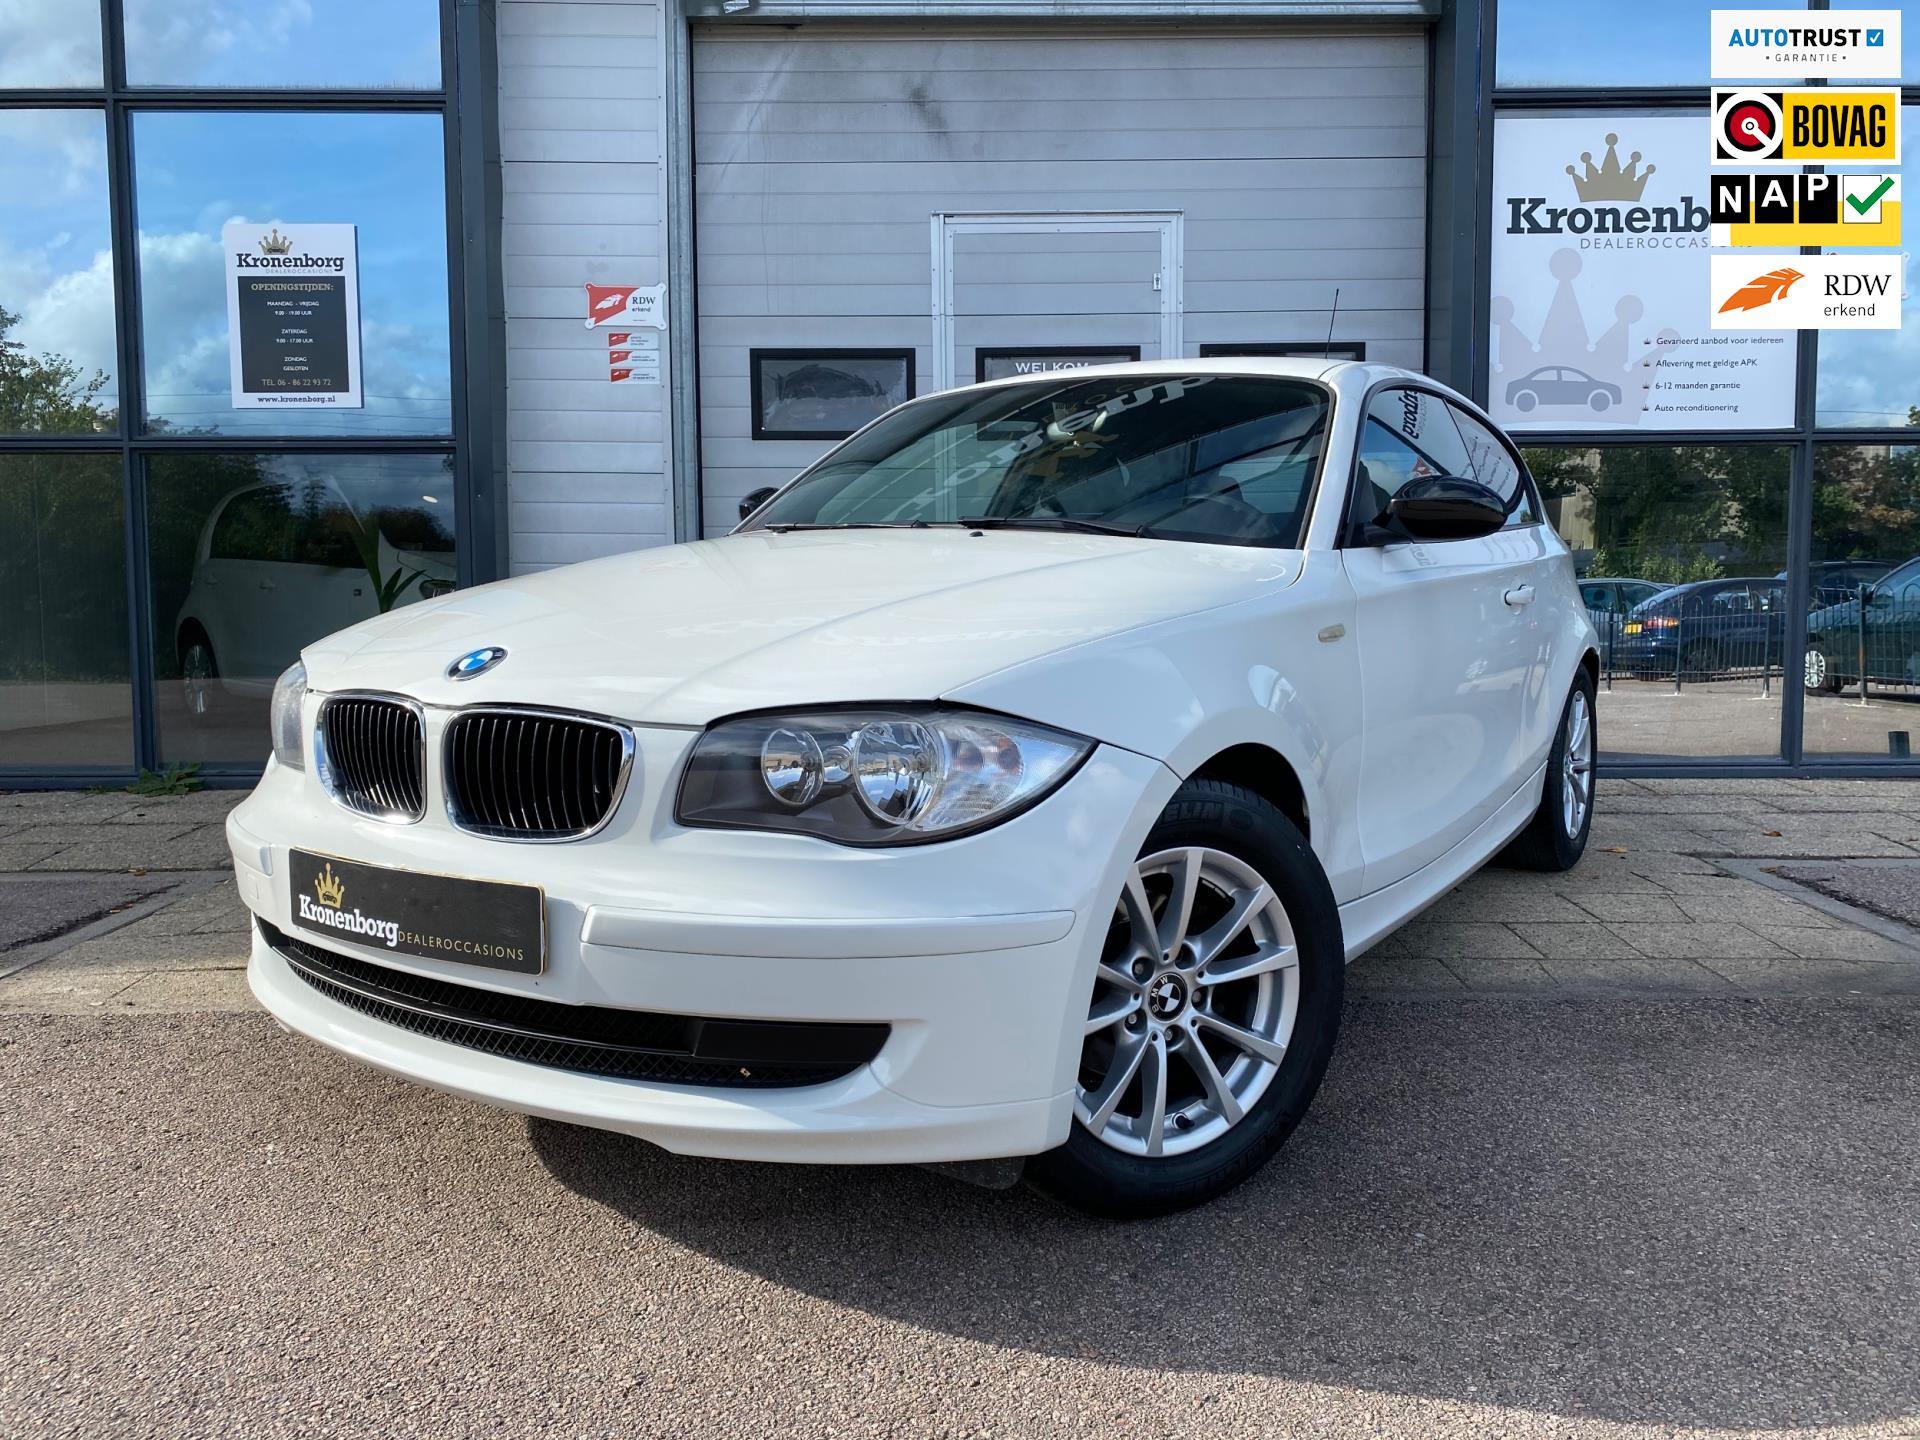 BMW 1-serie occasion - Kronenborg